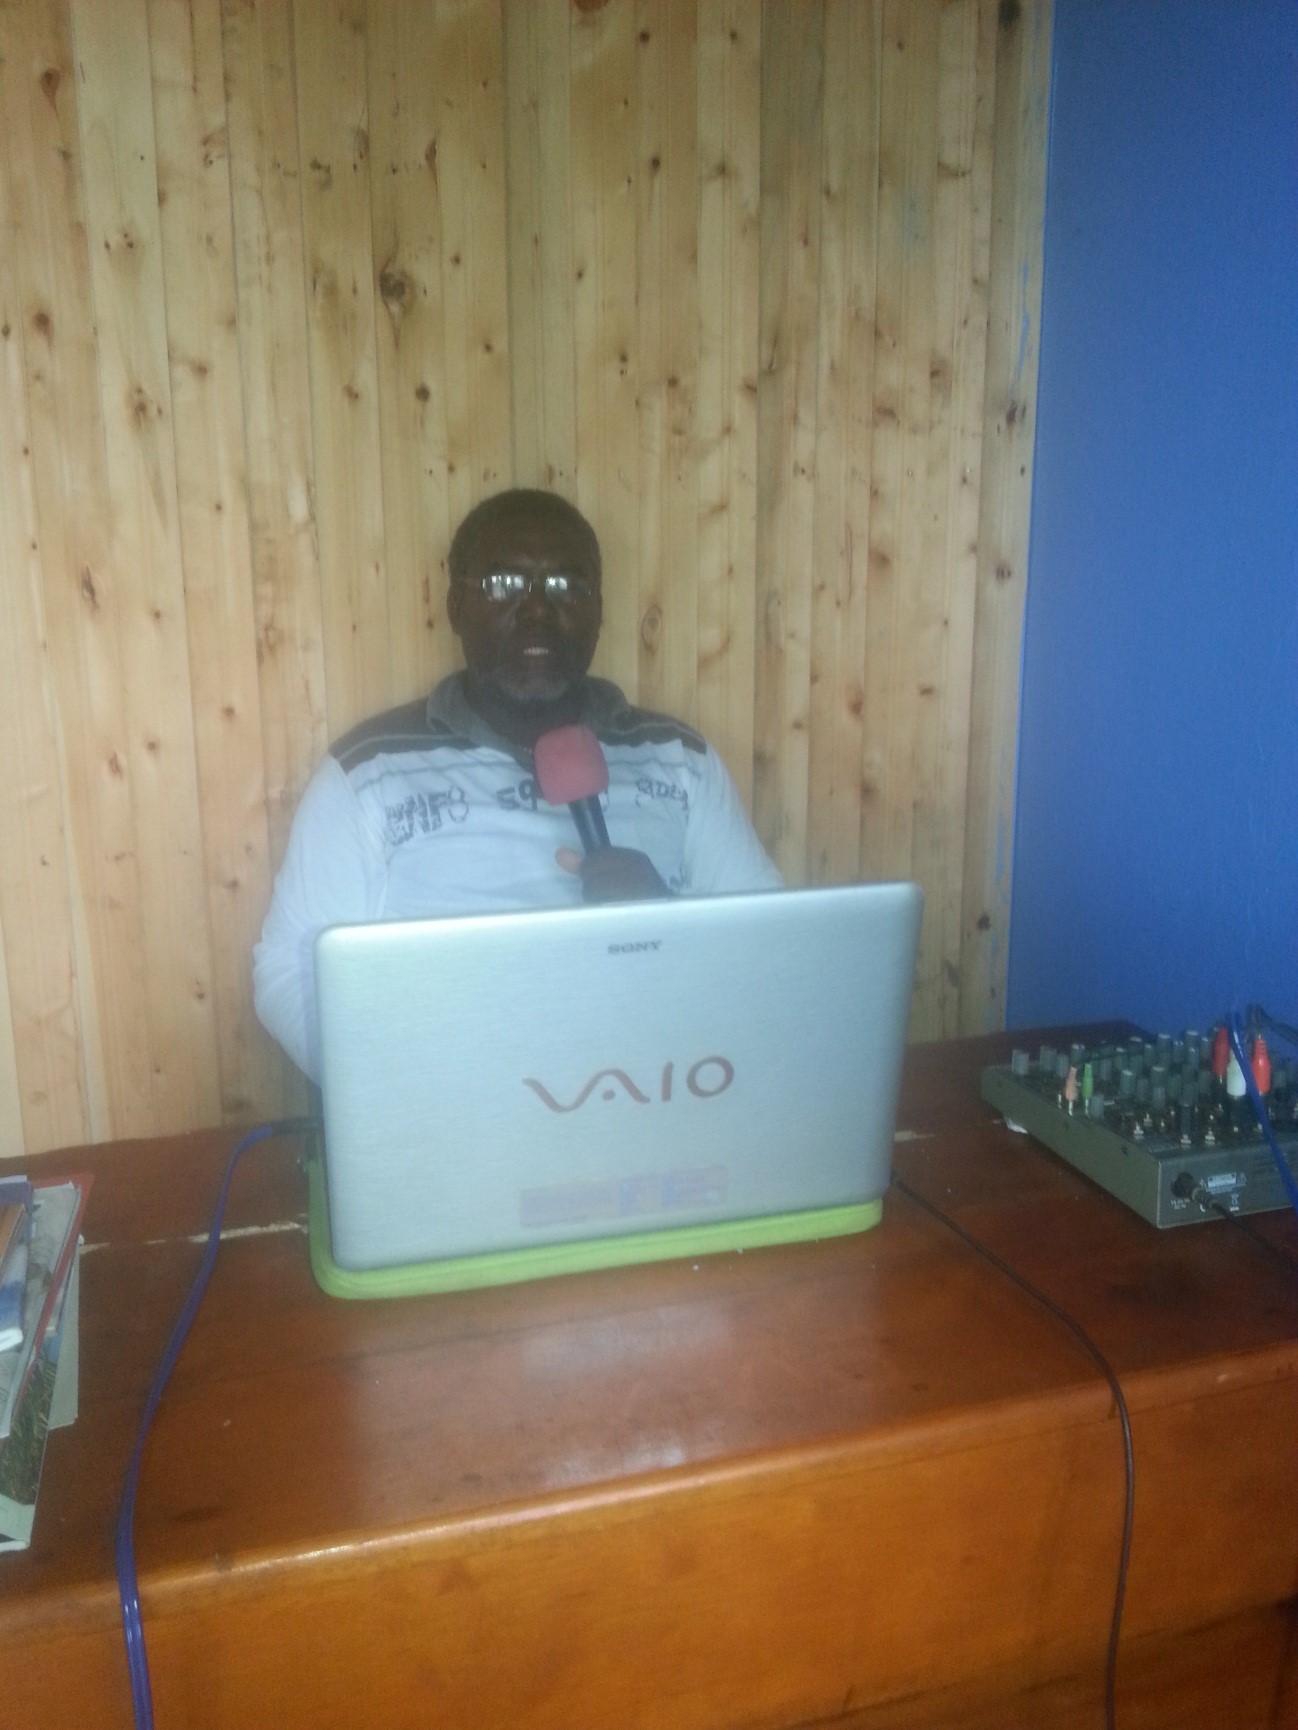 Las EDC aportan en grande a Nuquí